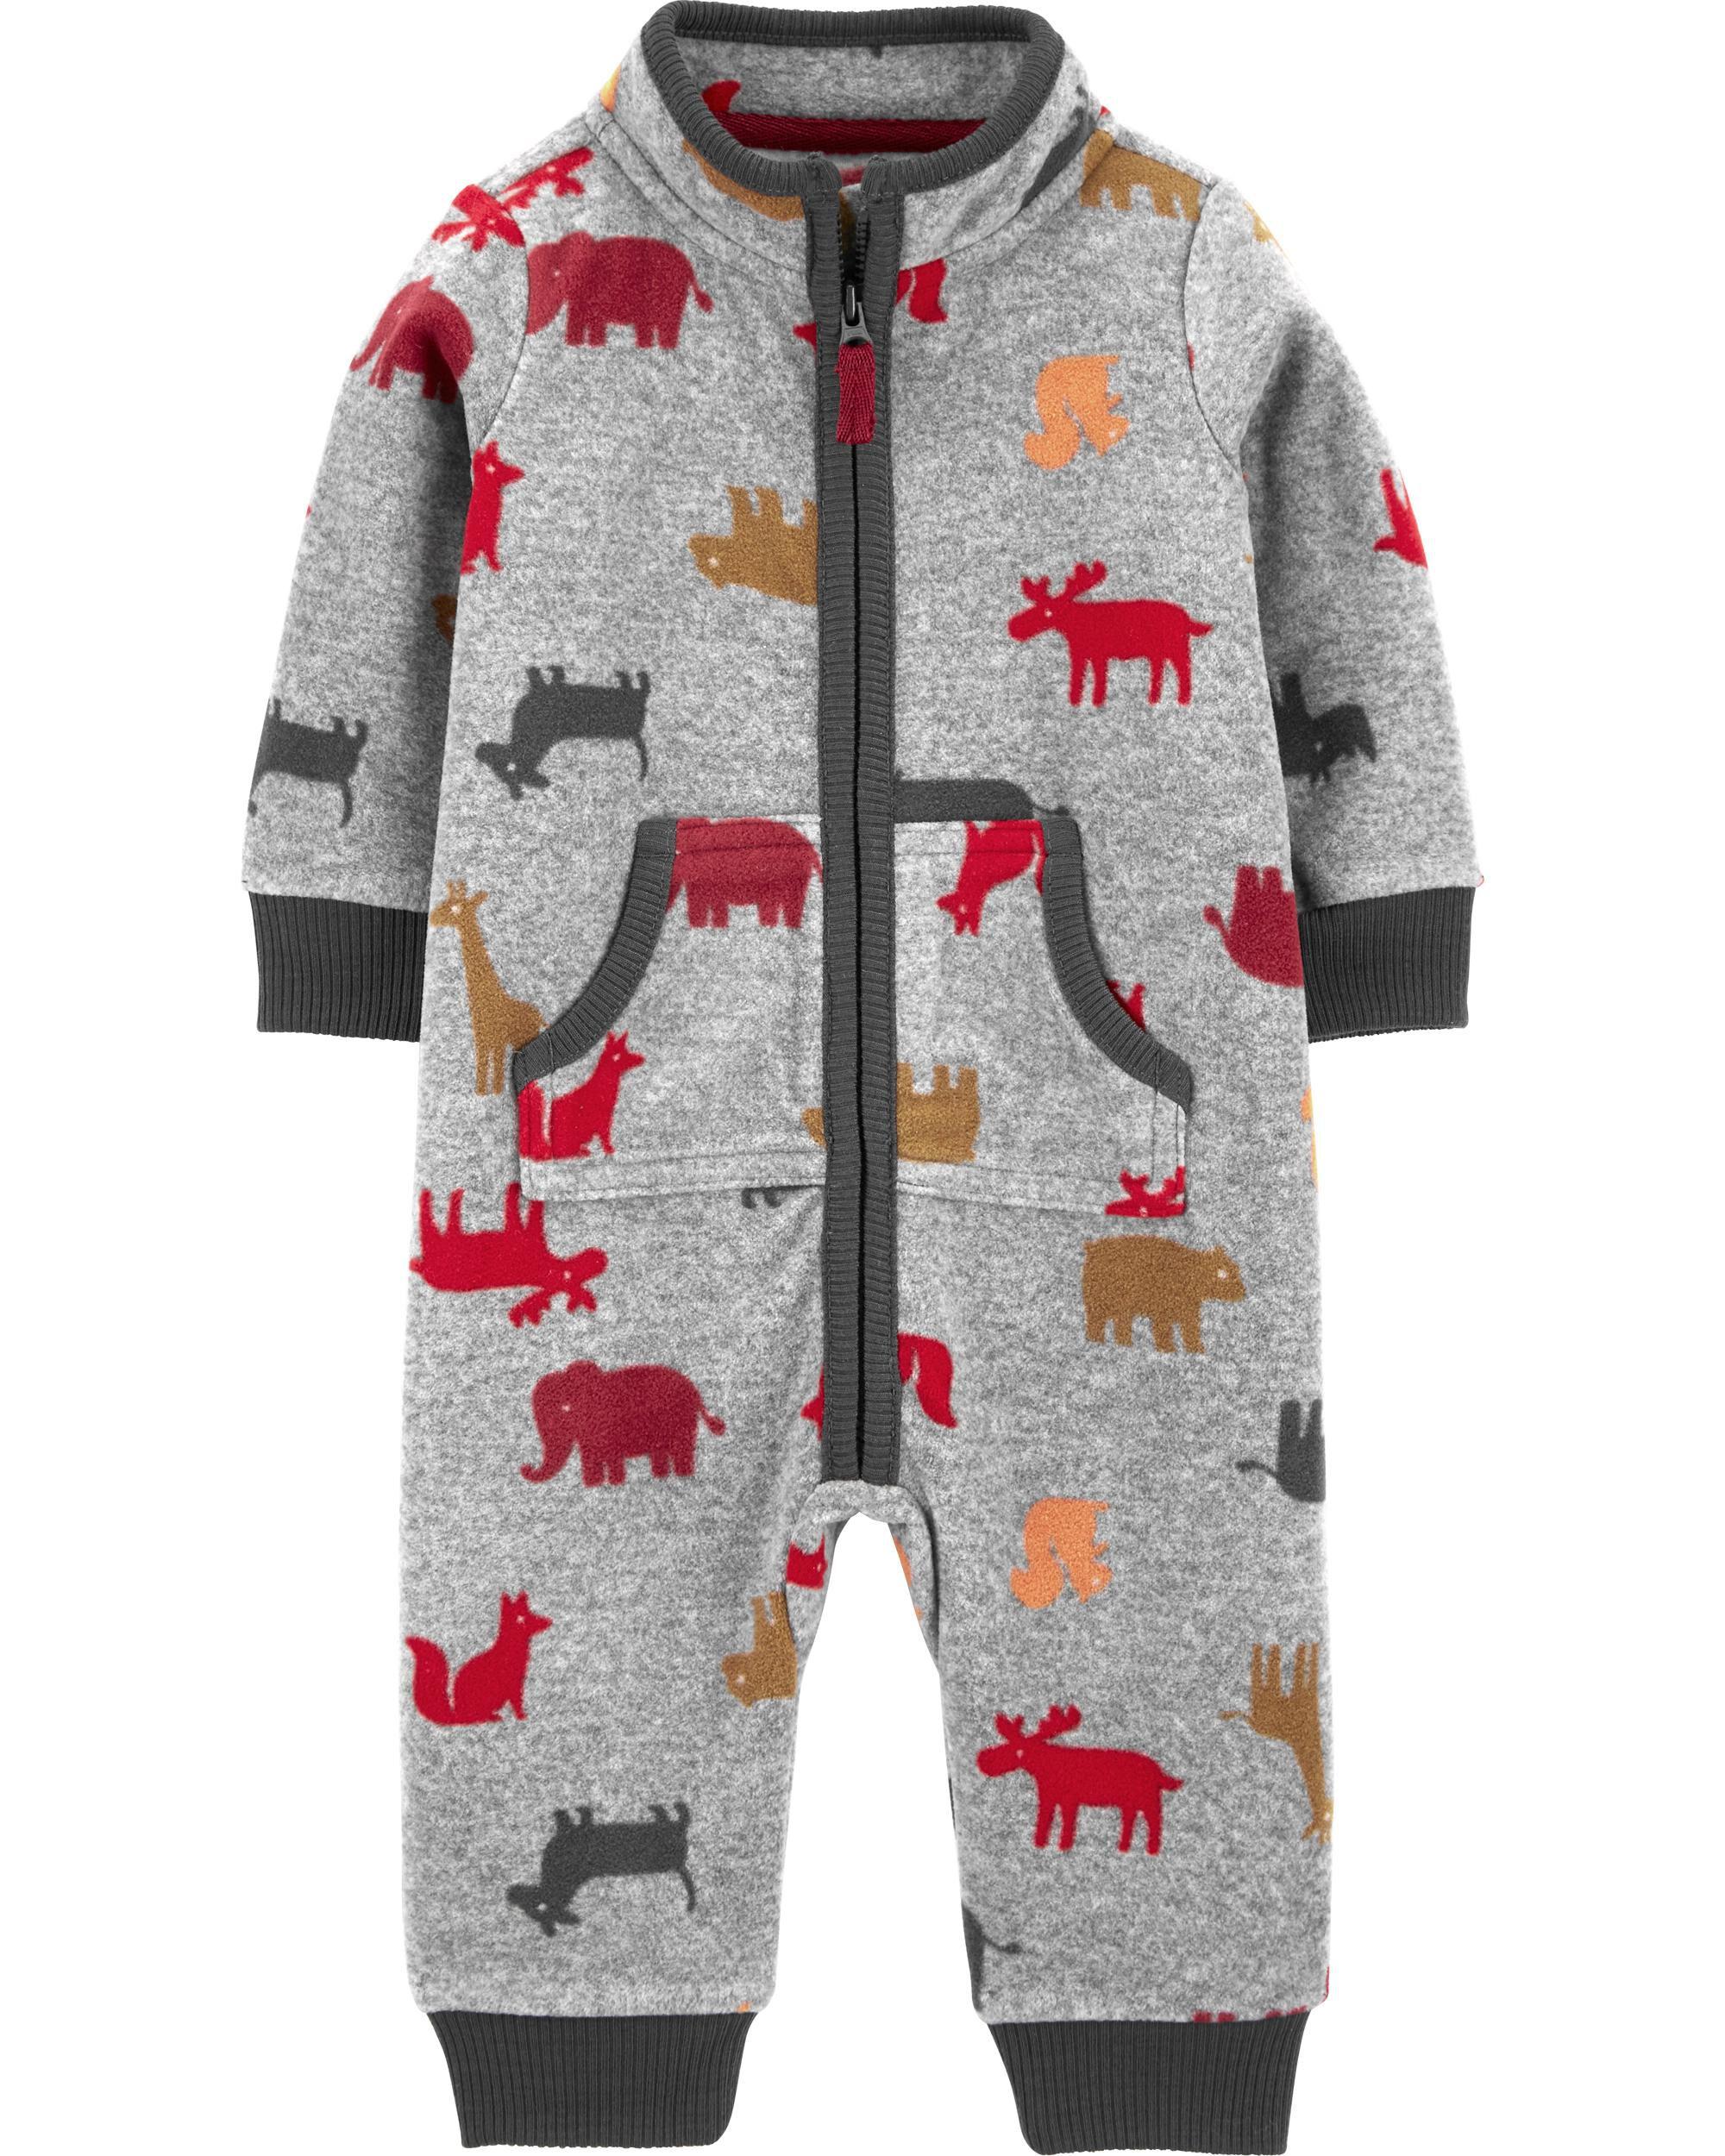 *DOORBUSTER* Animal Print Fleece Jumpsuit